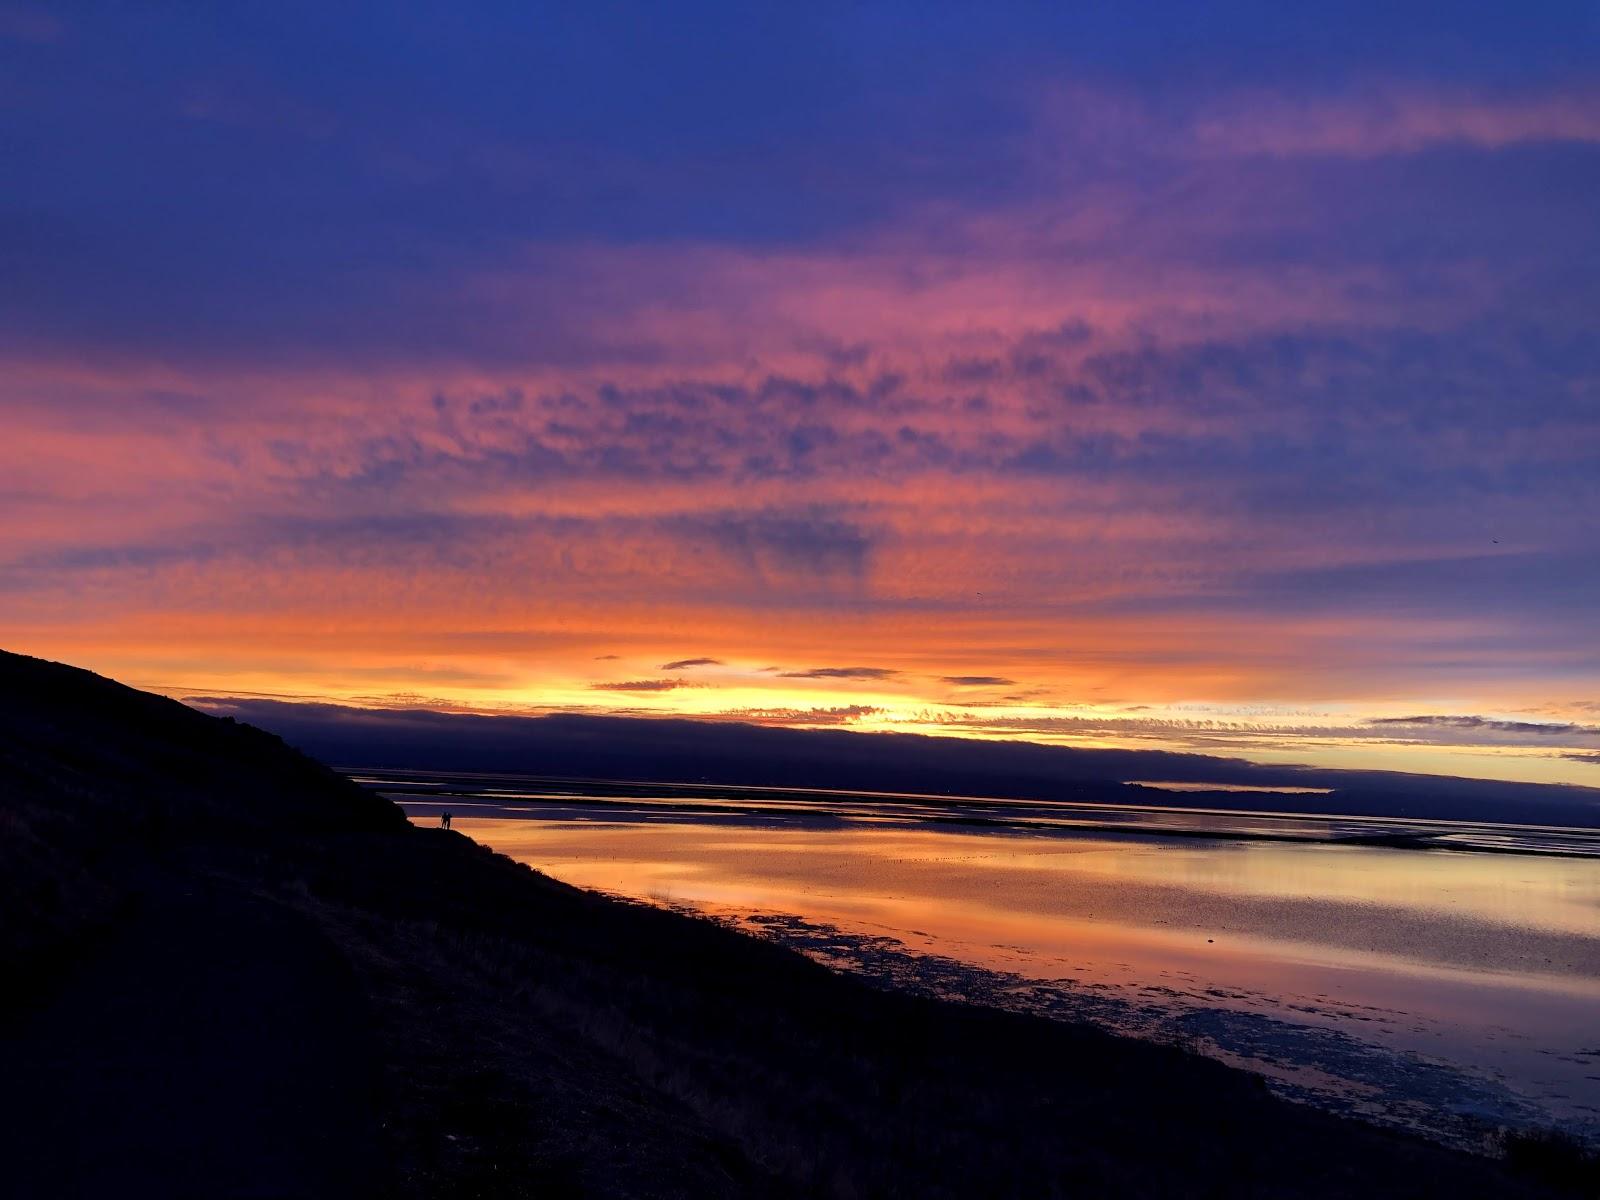 Sunset (Image by Saumya Balasubramanian)